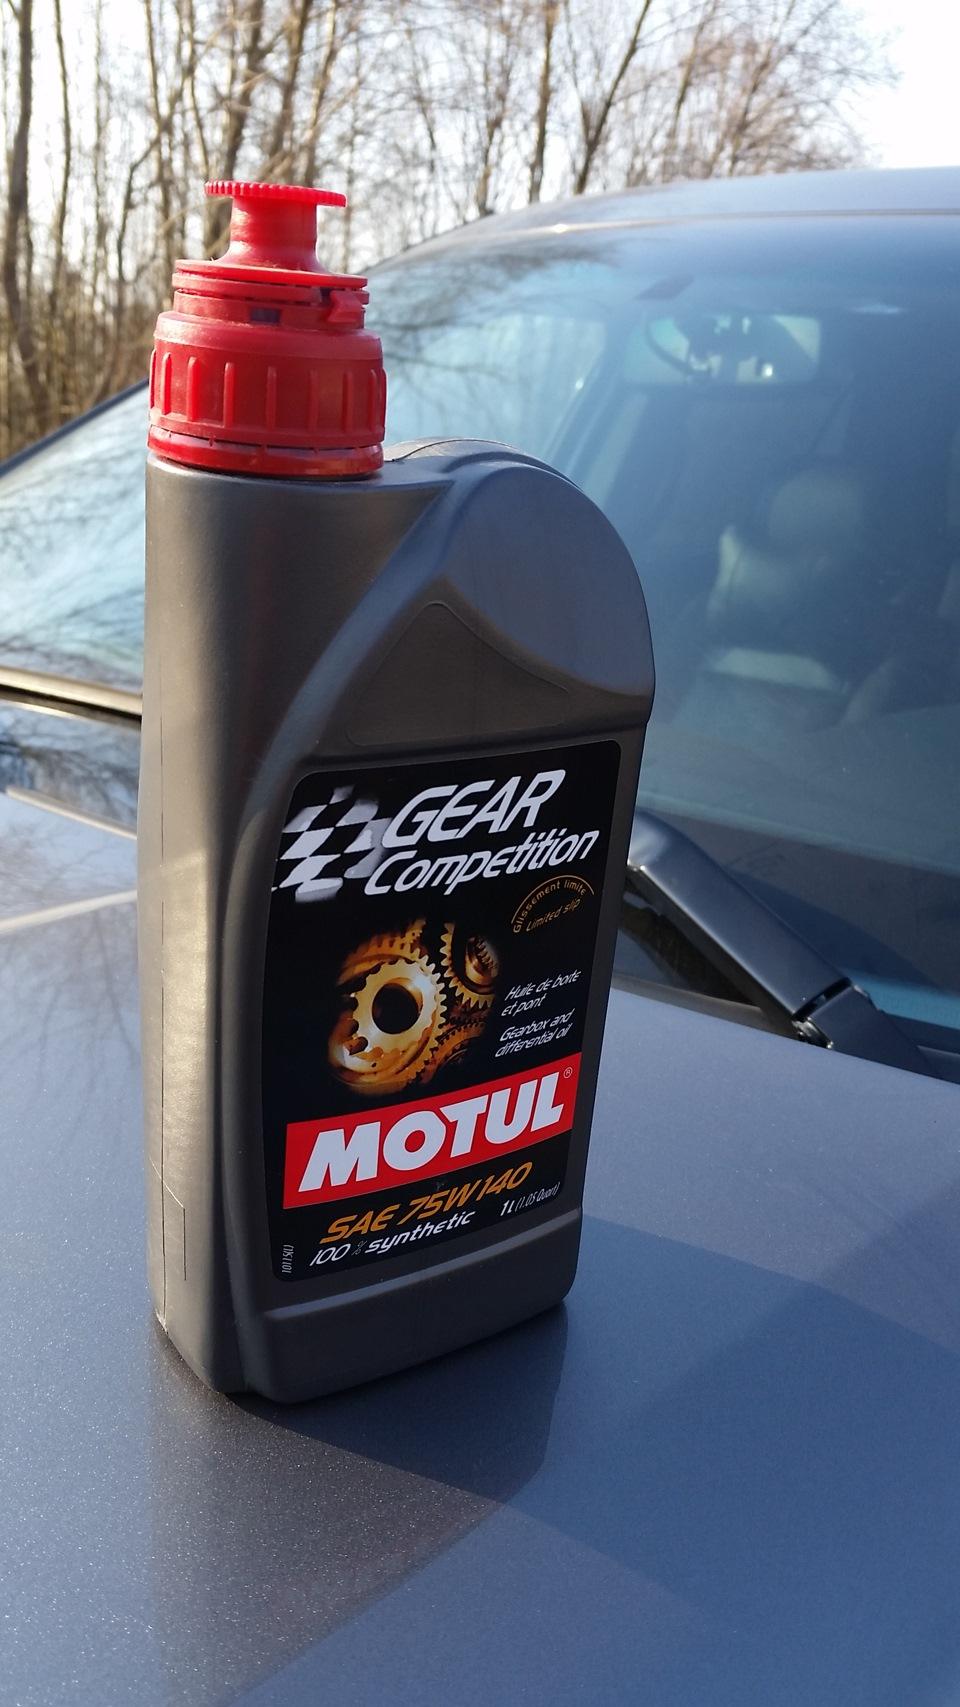 Замена масла в раздатке форд Замена рычагов подвески ситроен берлинго